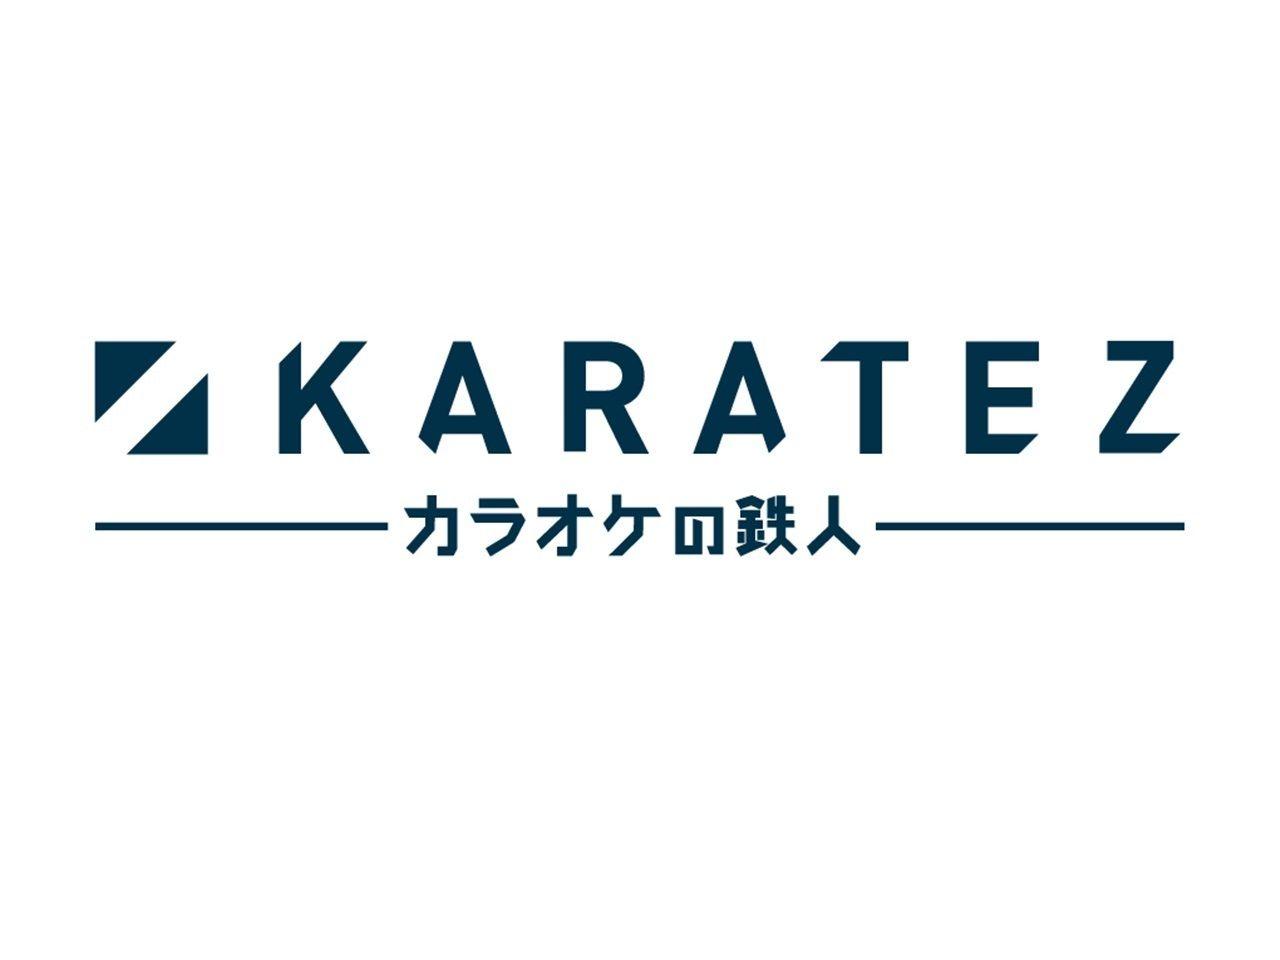 カラオケの鉄人 - 川崎銀柳街店